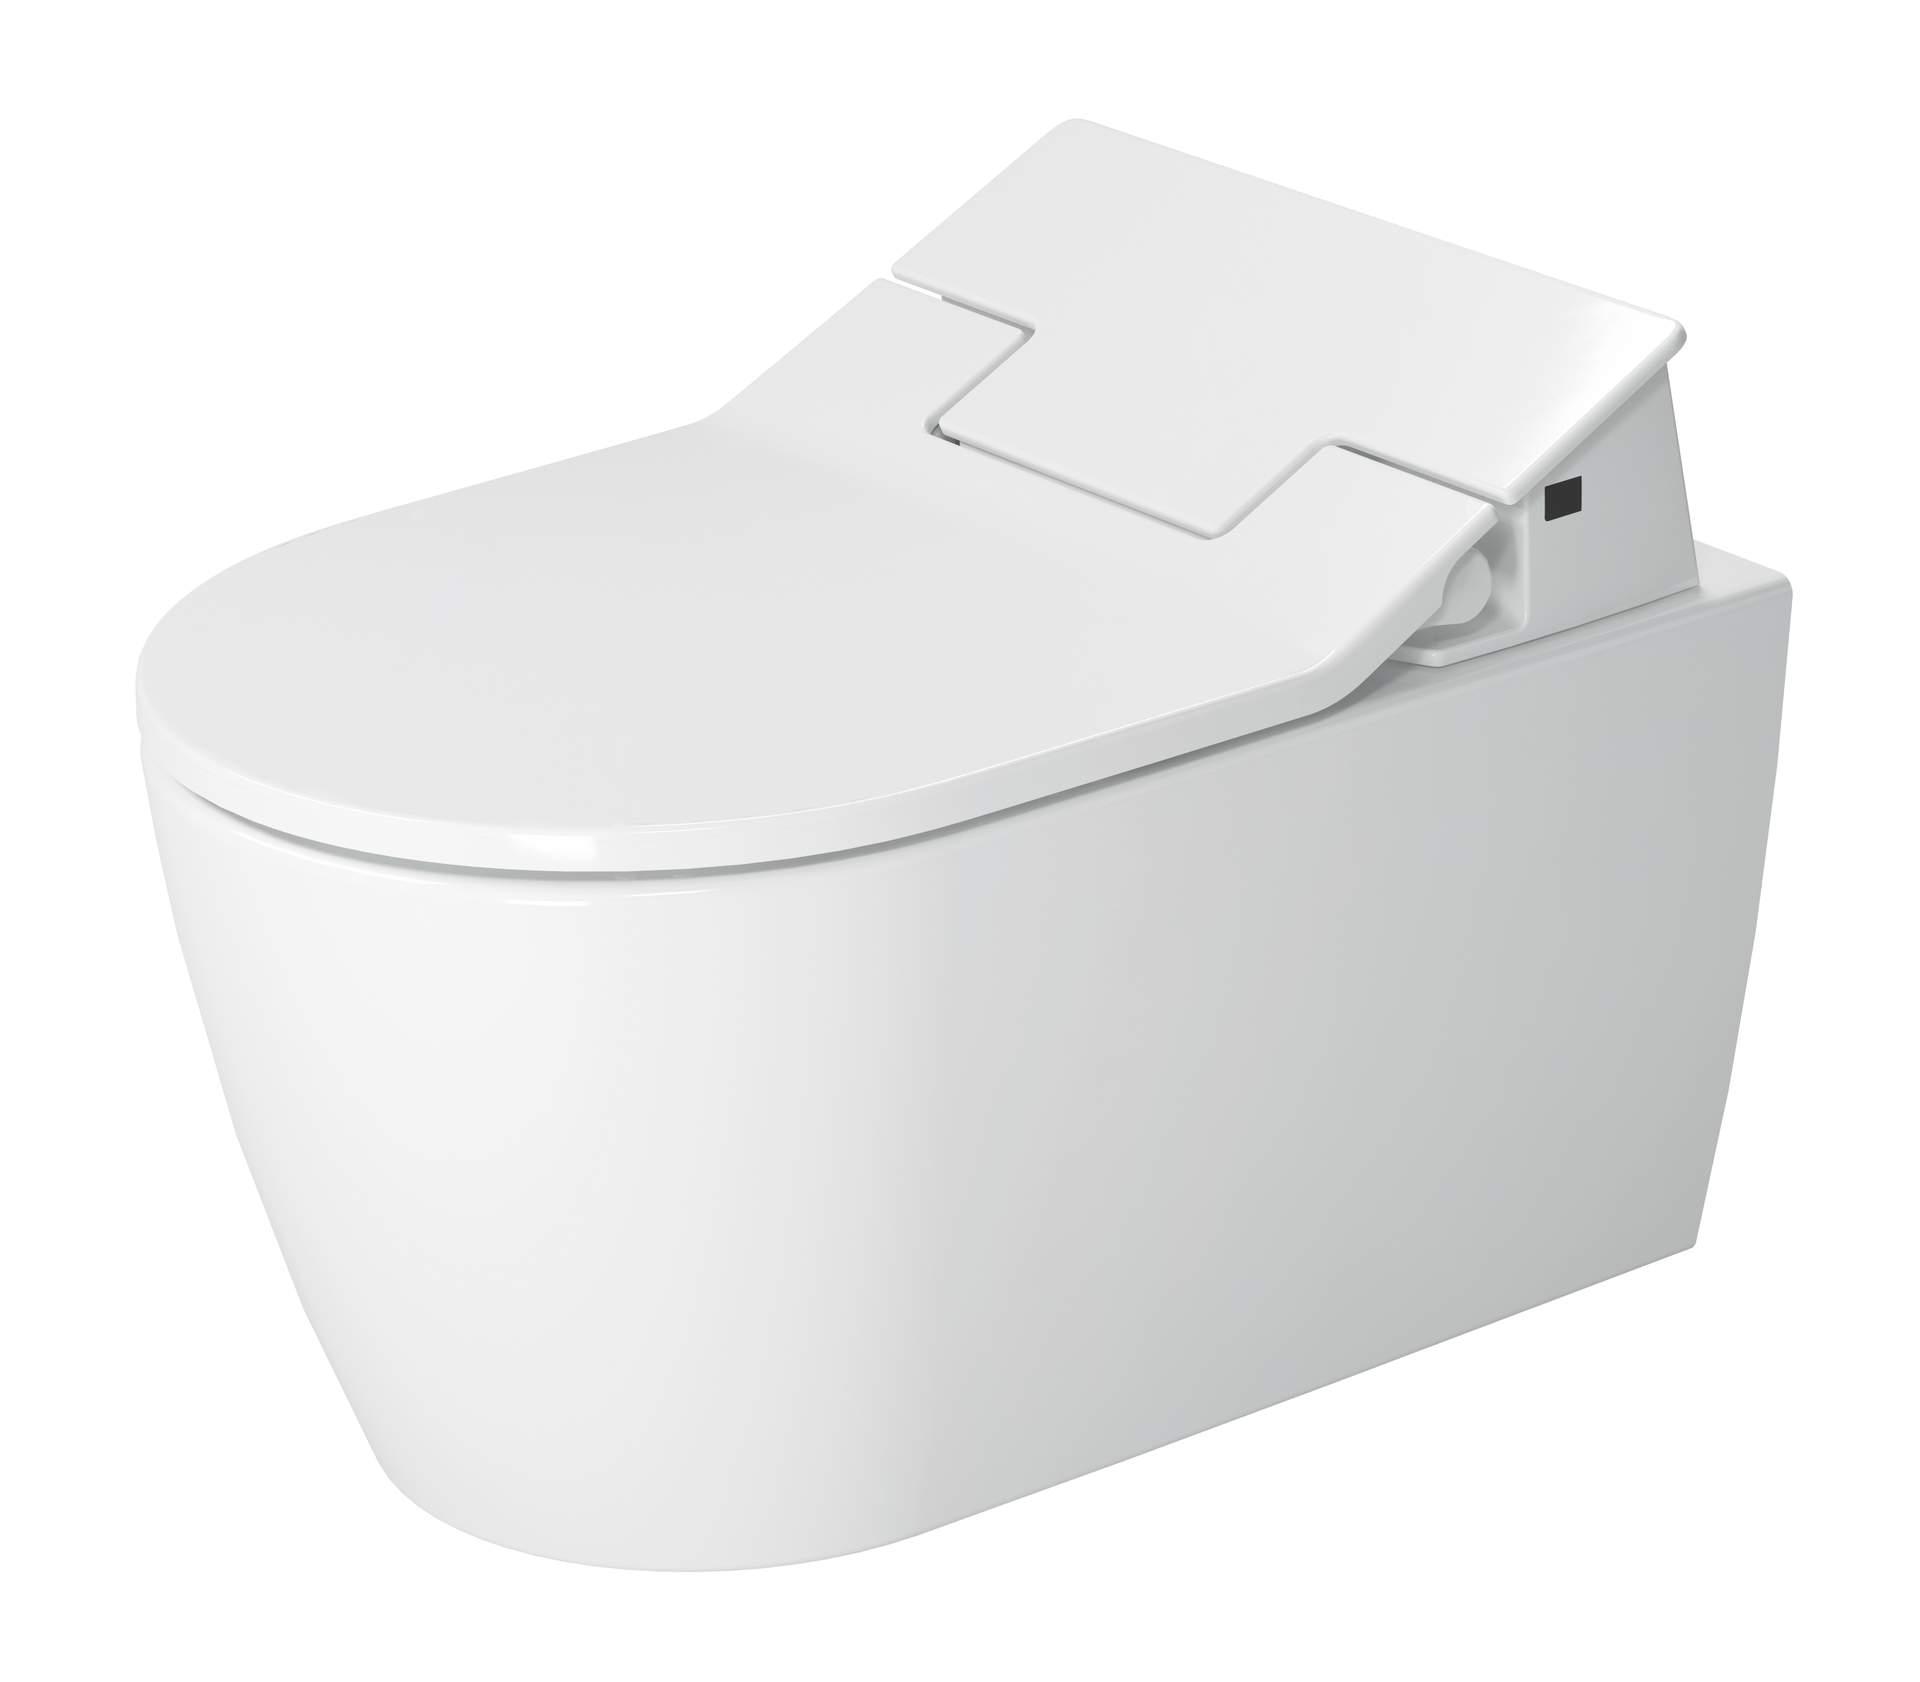 sensowash shower toilet duravit. Black Bedroom Furniture Sets. Home Design Ideas